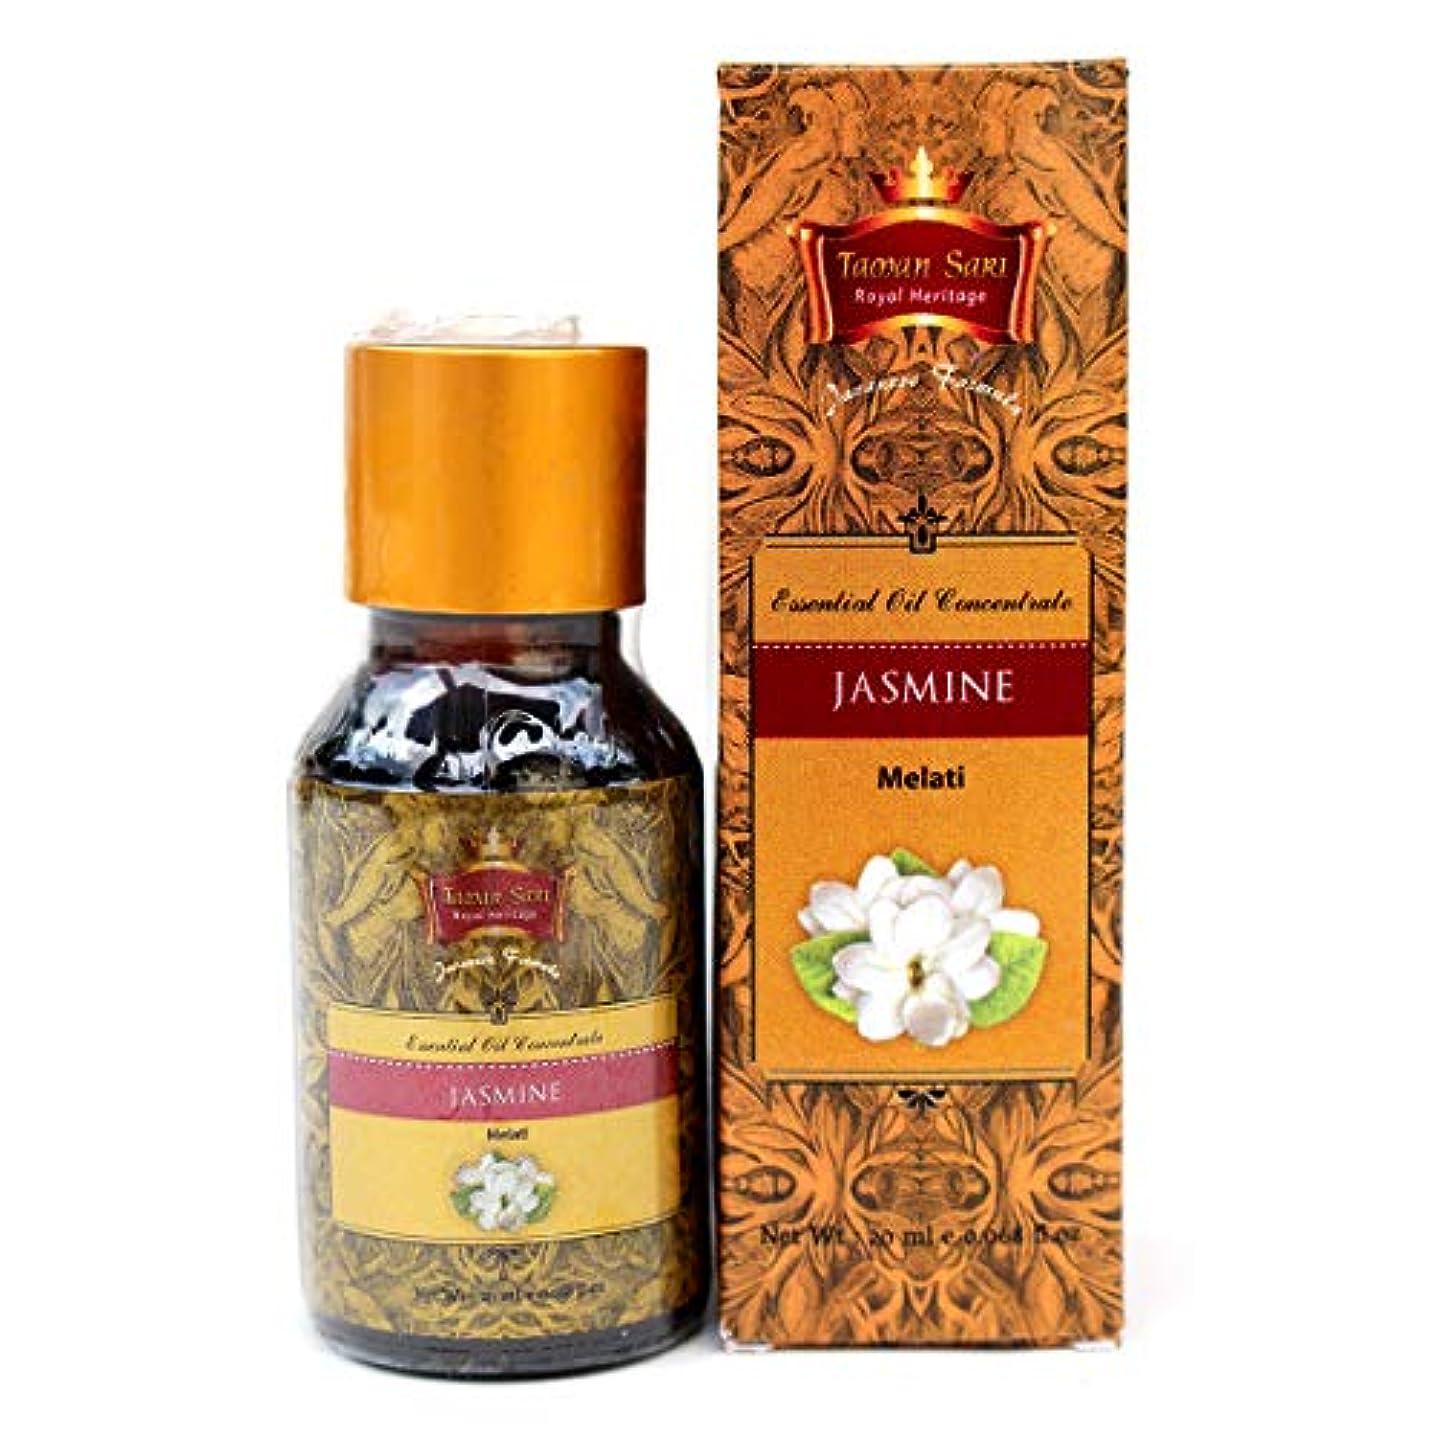 絞る独占ワイドTaman Sari タマンサリ エッセンシャルオイル ムスティカラトゥ高級スパブランド Jasmine ジャスミン 20ml